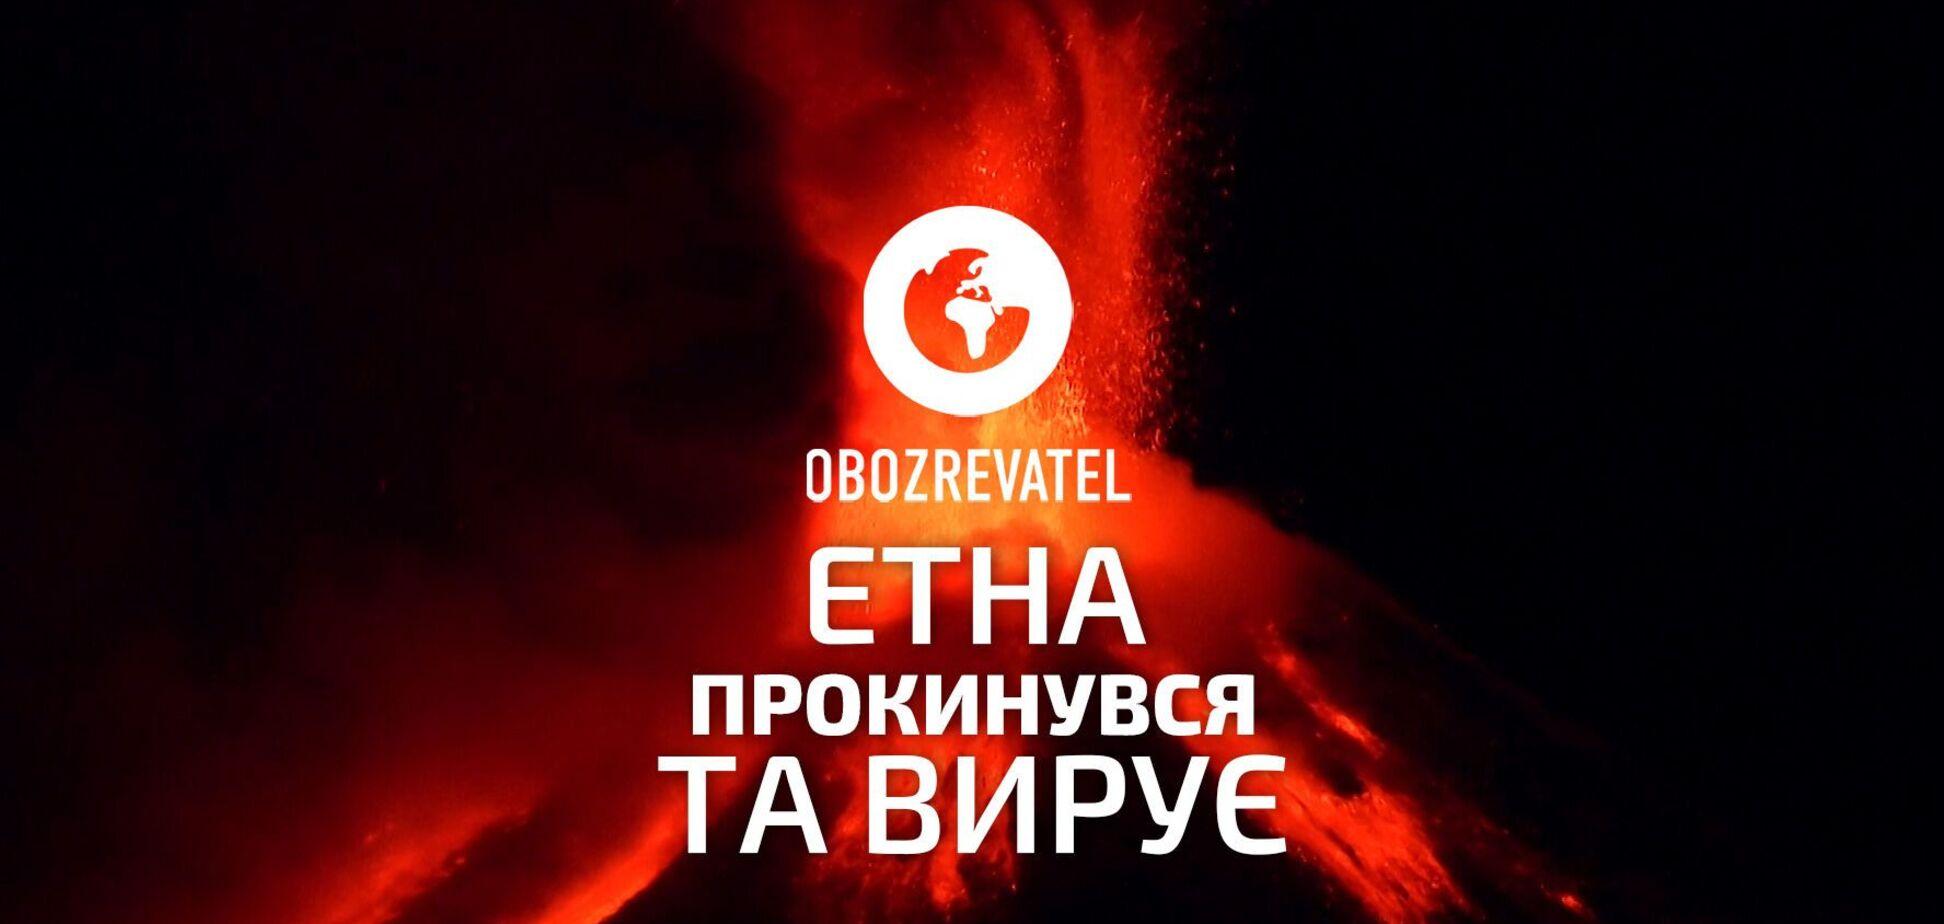 Активизировался вулкан Этна – извержение лавы, города покрыло пеплом